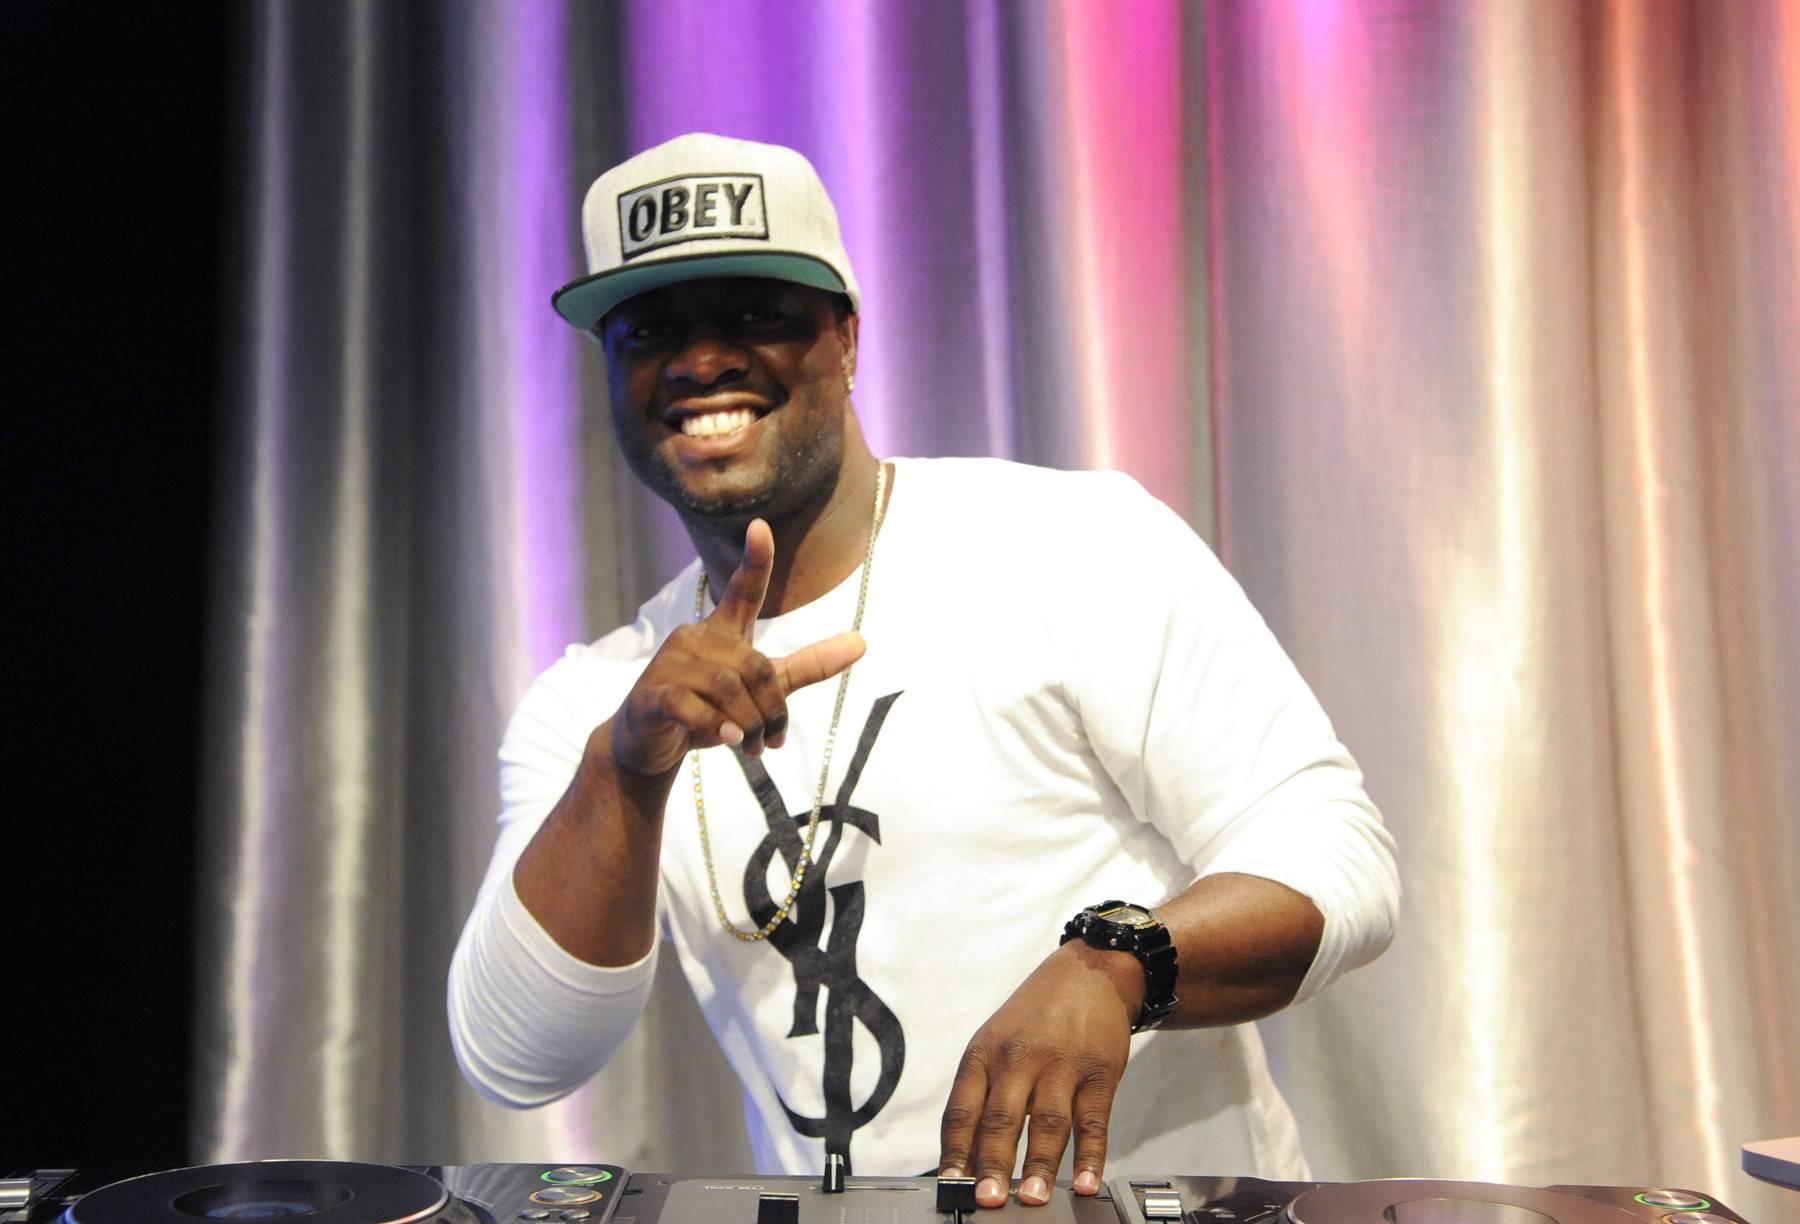 Play My Song - DJ at 106 & Park, May 29, 2012. (Photo: John Ricard / BET)